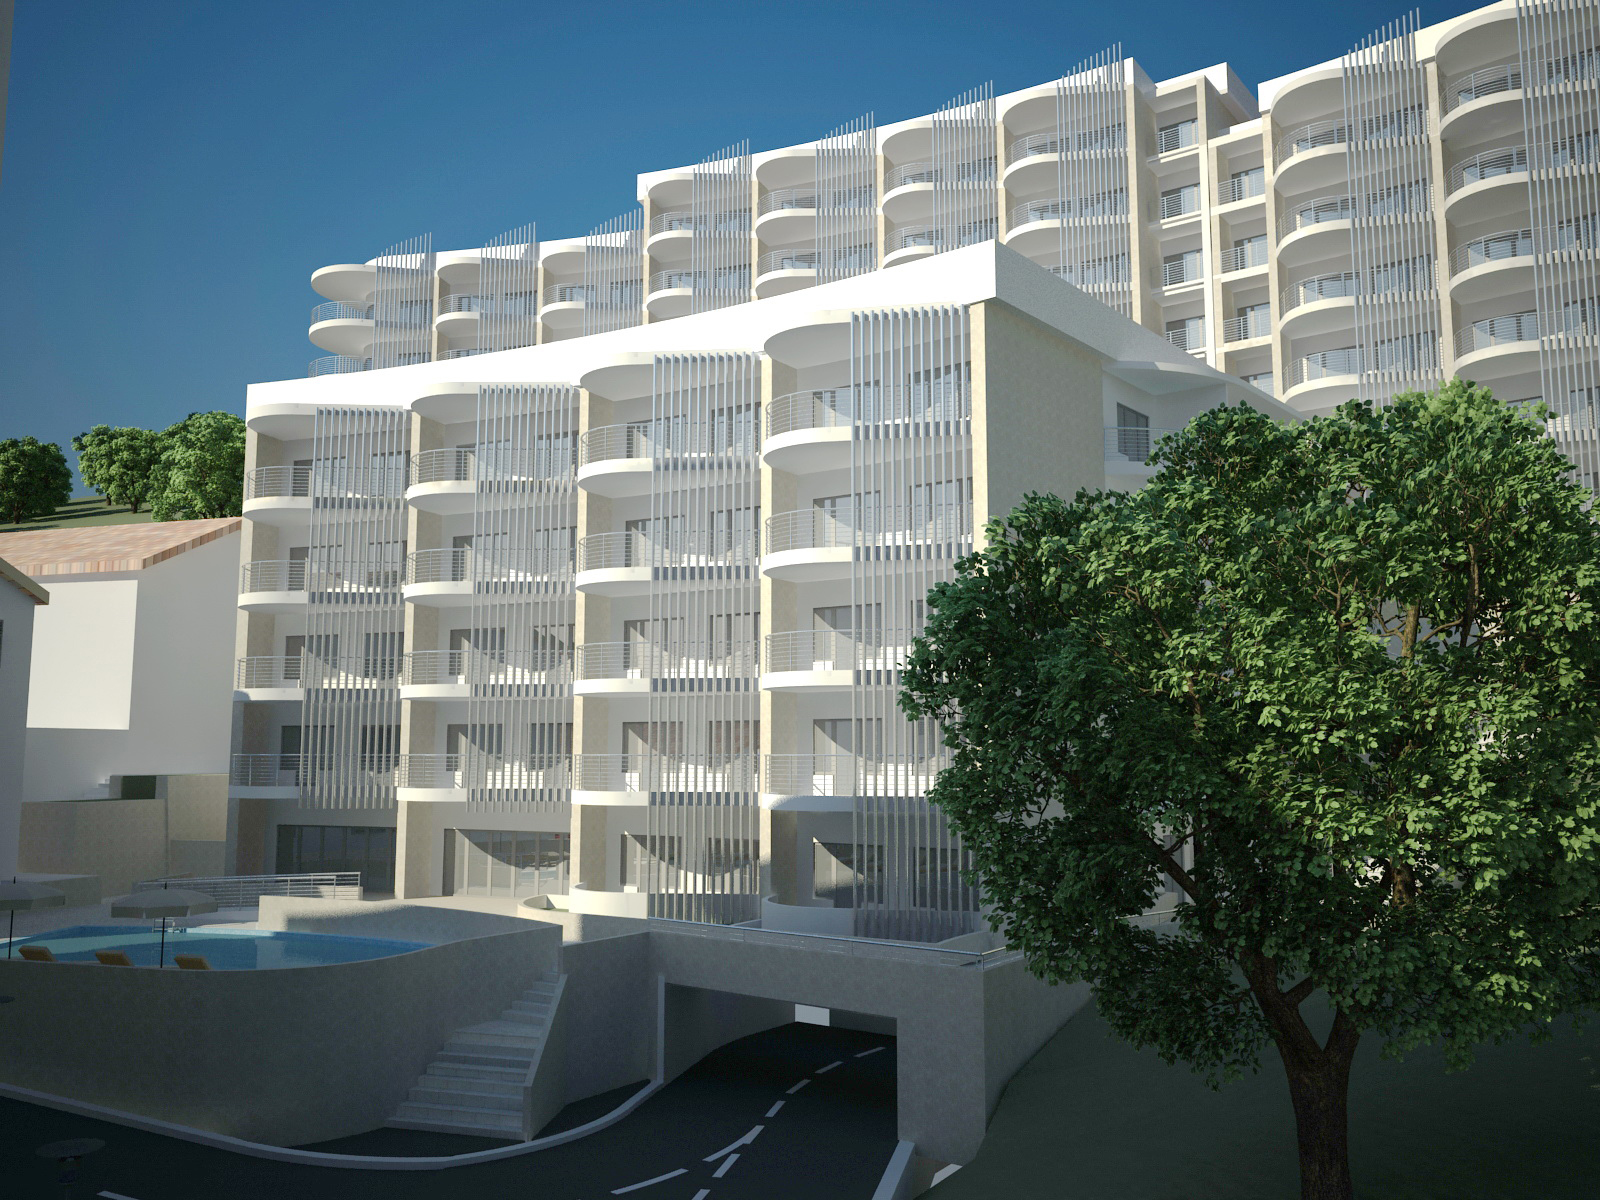 ДОМ ANATOLIA-3 - Он современный, удобный, идеально приспособленный как для отдыха, так и постоянного проживания. Прекрасное место, чтобы растить детей и наслаждаться жизнью на берегу Адриатического моря.